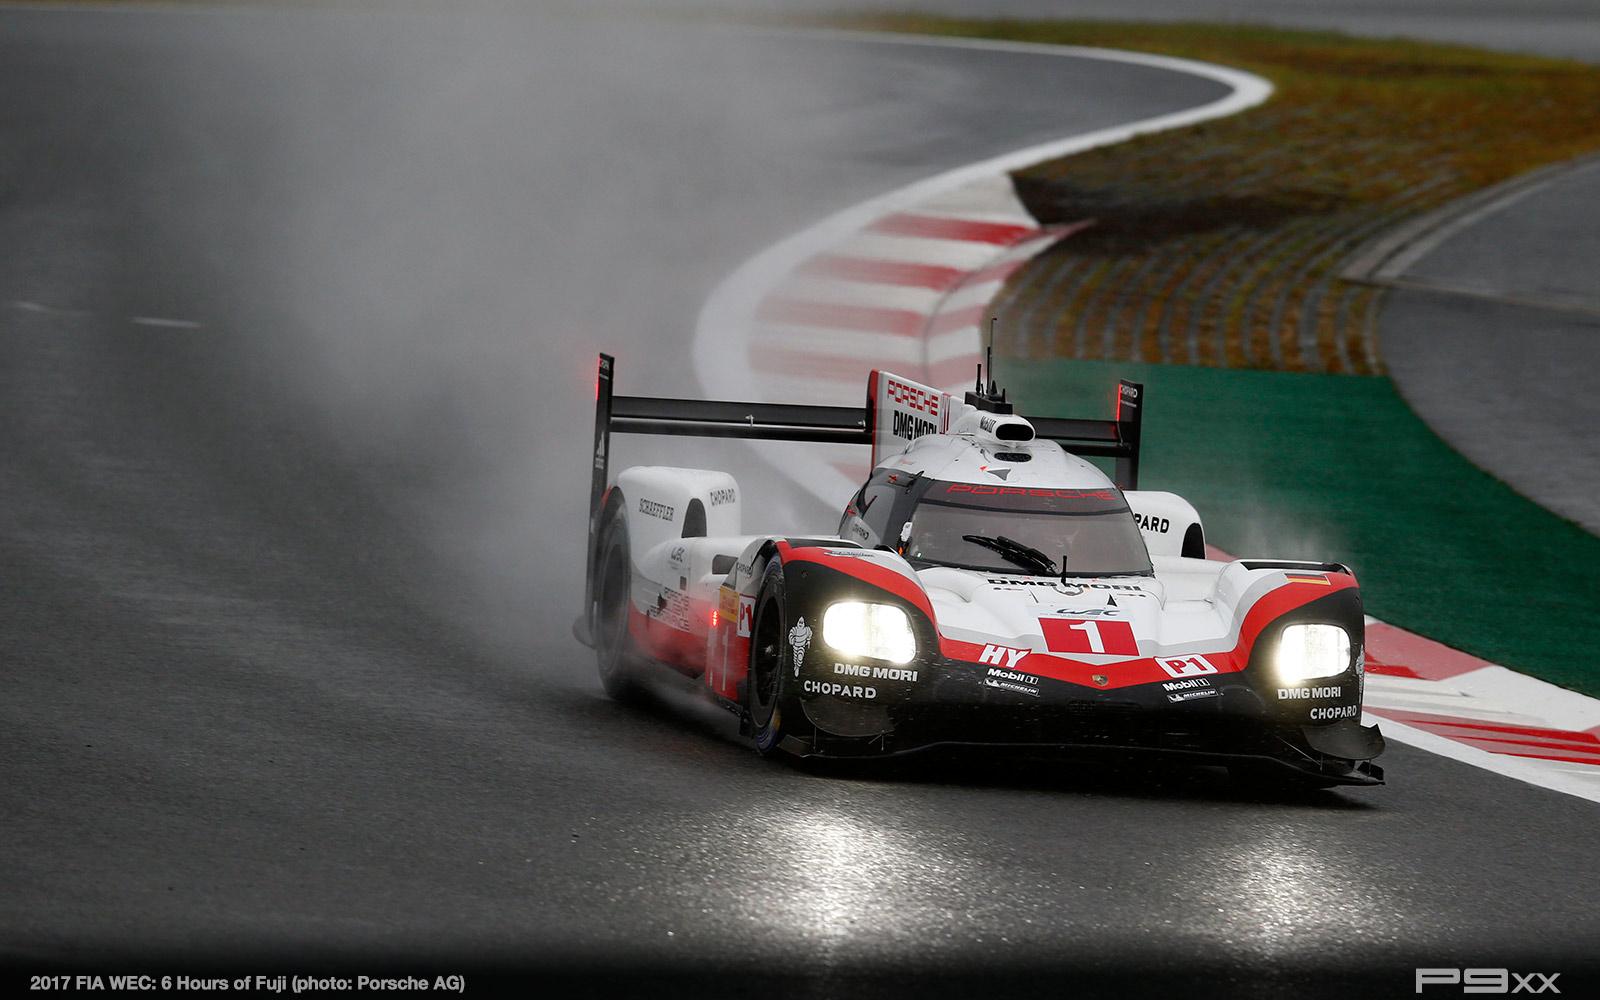 2017-FIA-WEC-6h-of-Fuji-Porsche-347